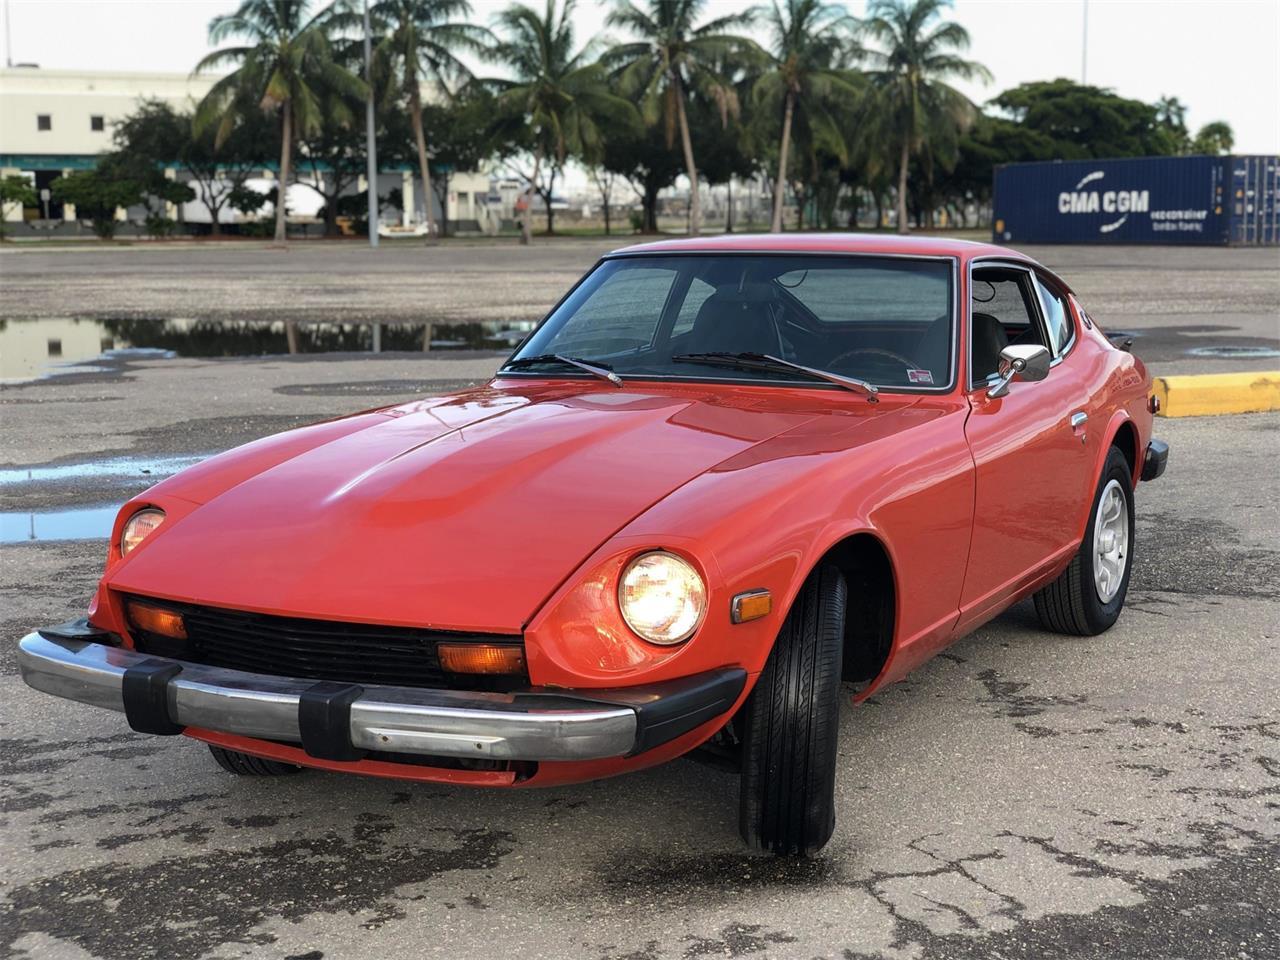 1976 datsun 280z for sale   classiccars.com   cc-1253180 blade fuse box 280z 1976  classiccars.com